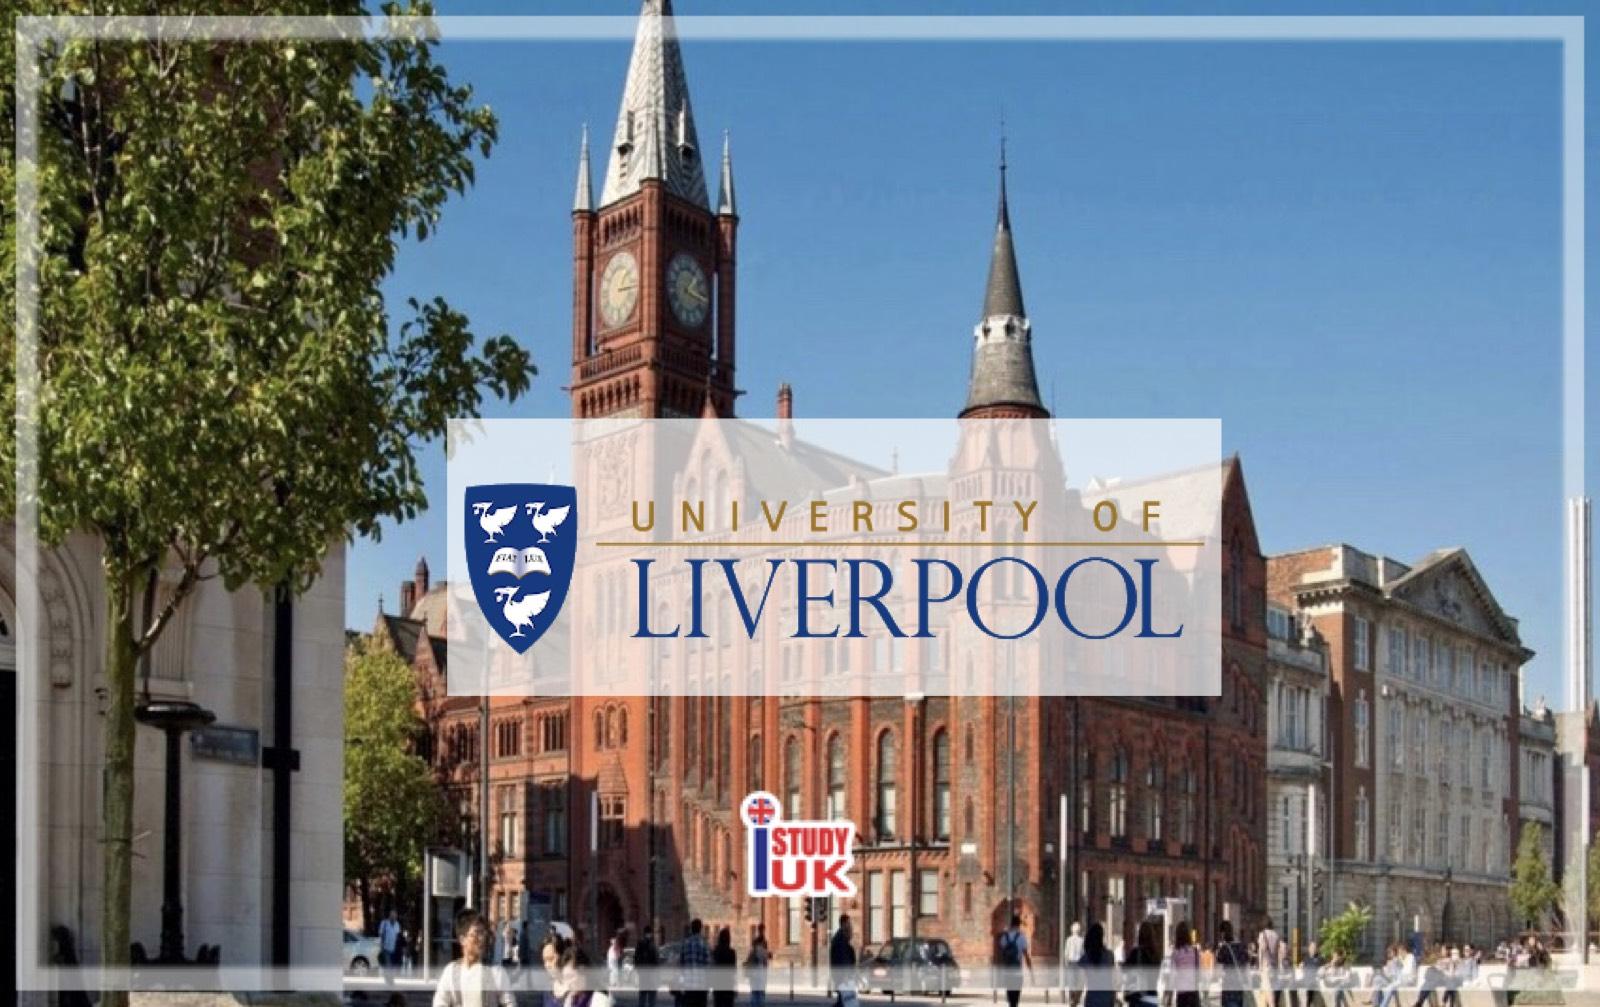 สมัคร university of liverpool เรียนต่อประเทศอังกฤษ ปริยญาโท ปริญญาตรี ลิเวอร์พูล MBAfootball